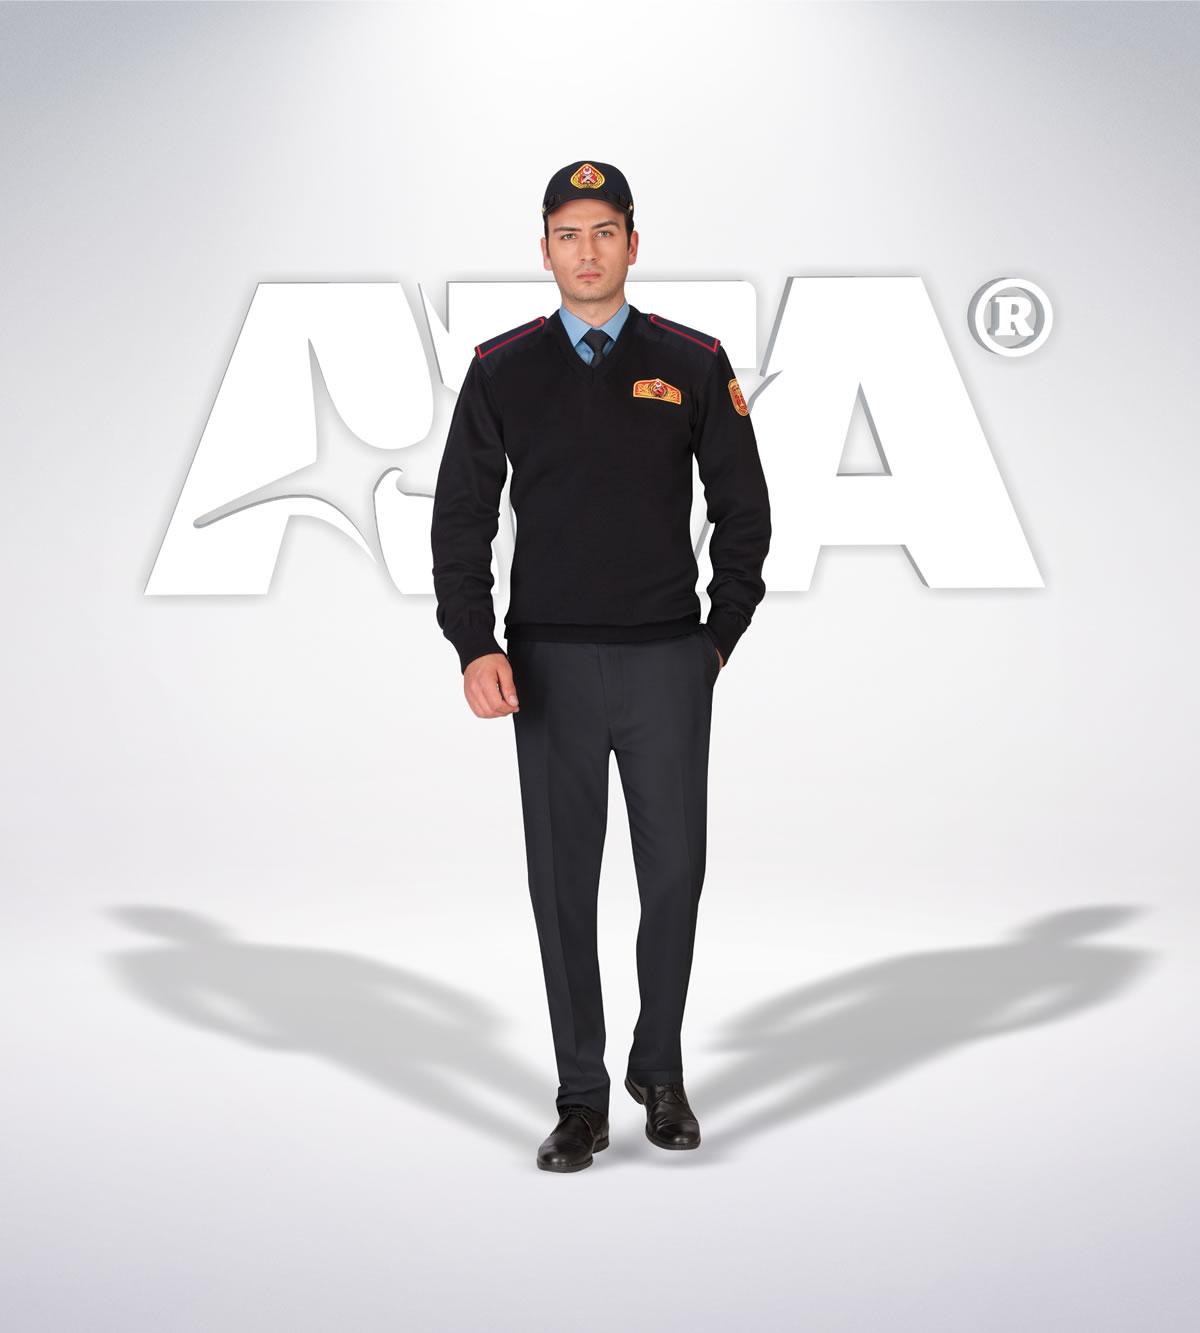 ATA 308 - Pantolon kışlık- v yaka kazak- aksesuar - itfaiye elbiseleri | itfaiye üniformaları | itfaiye kıyafetleri